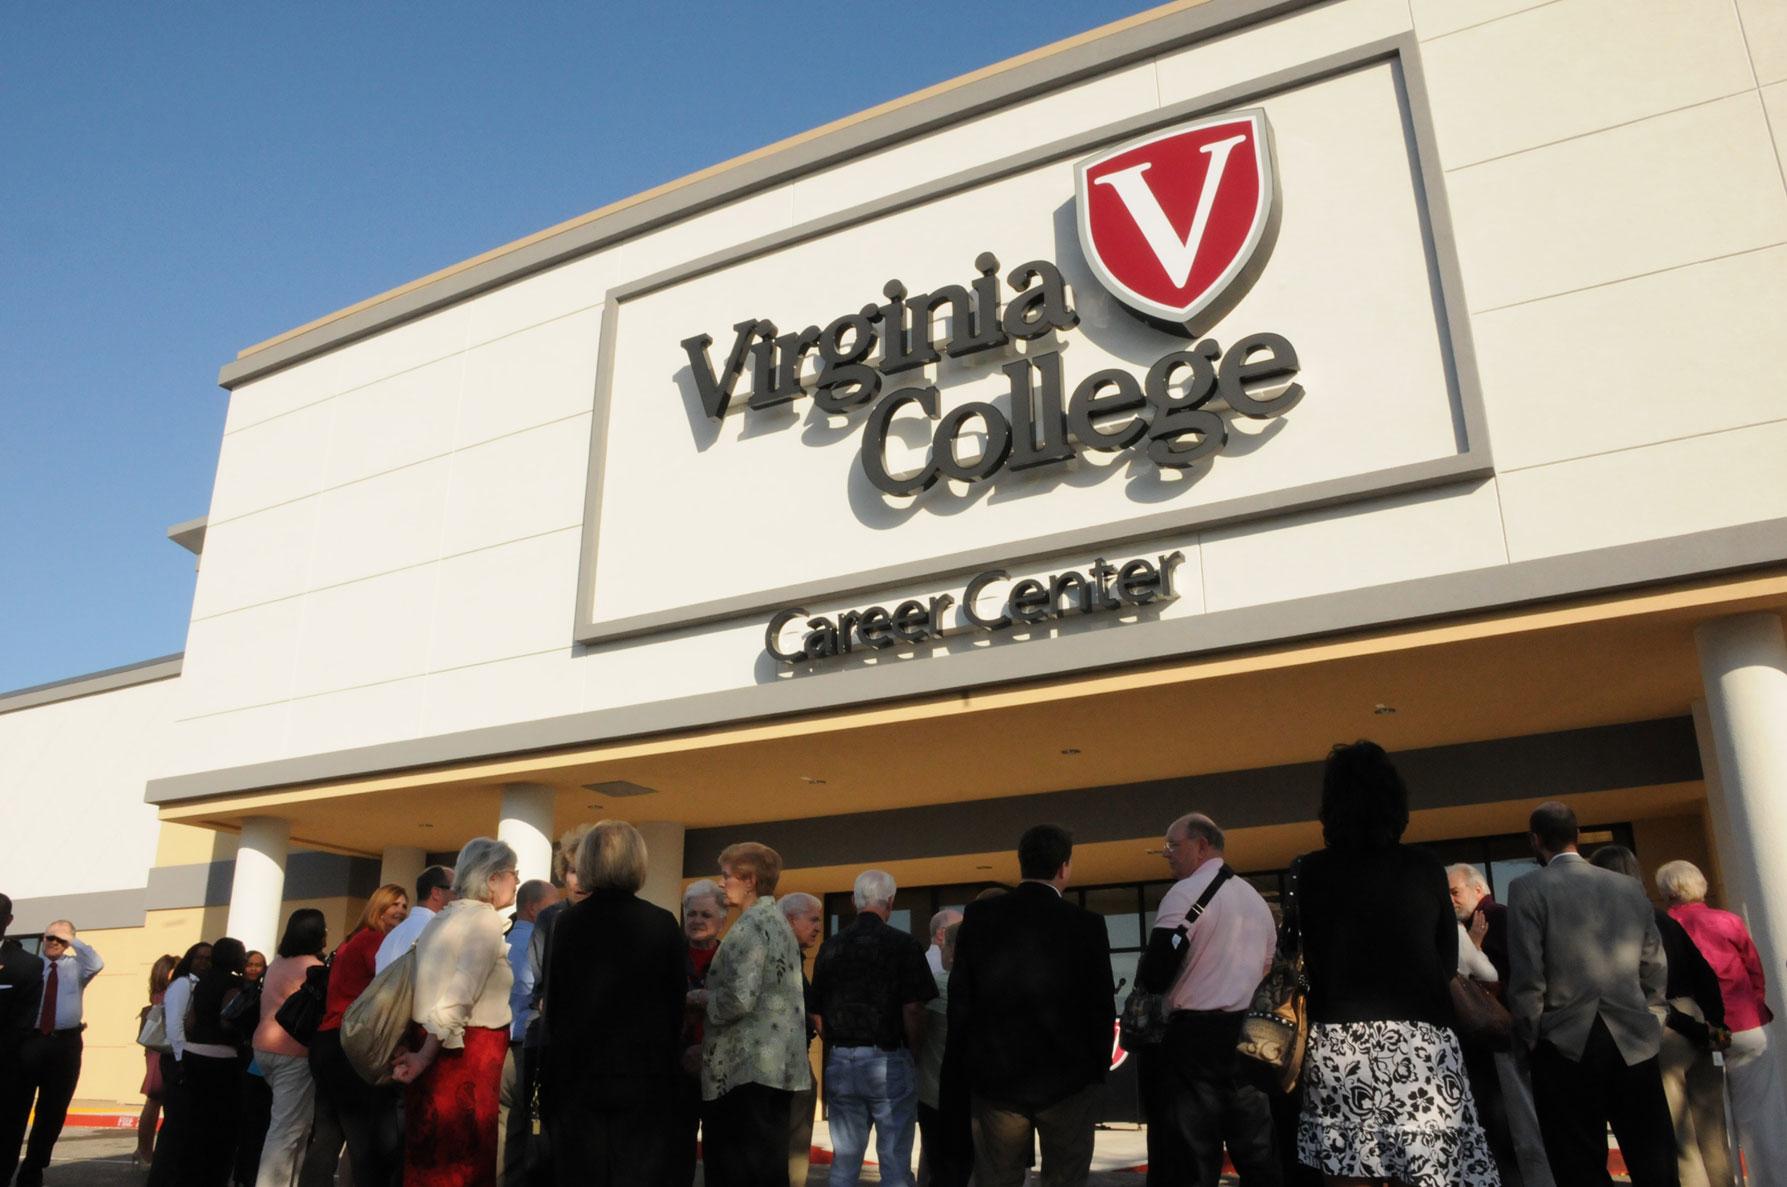 Virginia College in Baton Rouge image 1